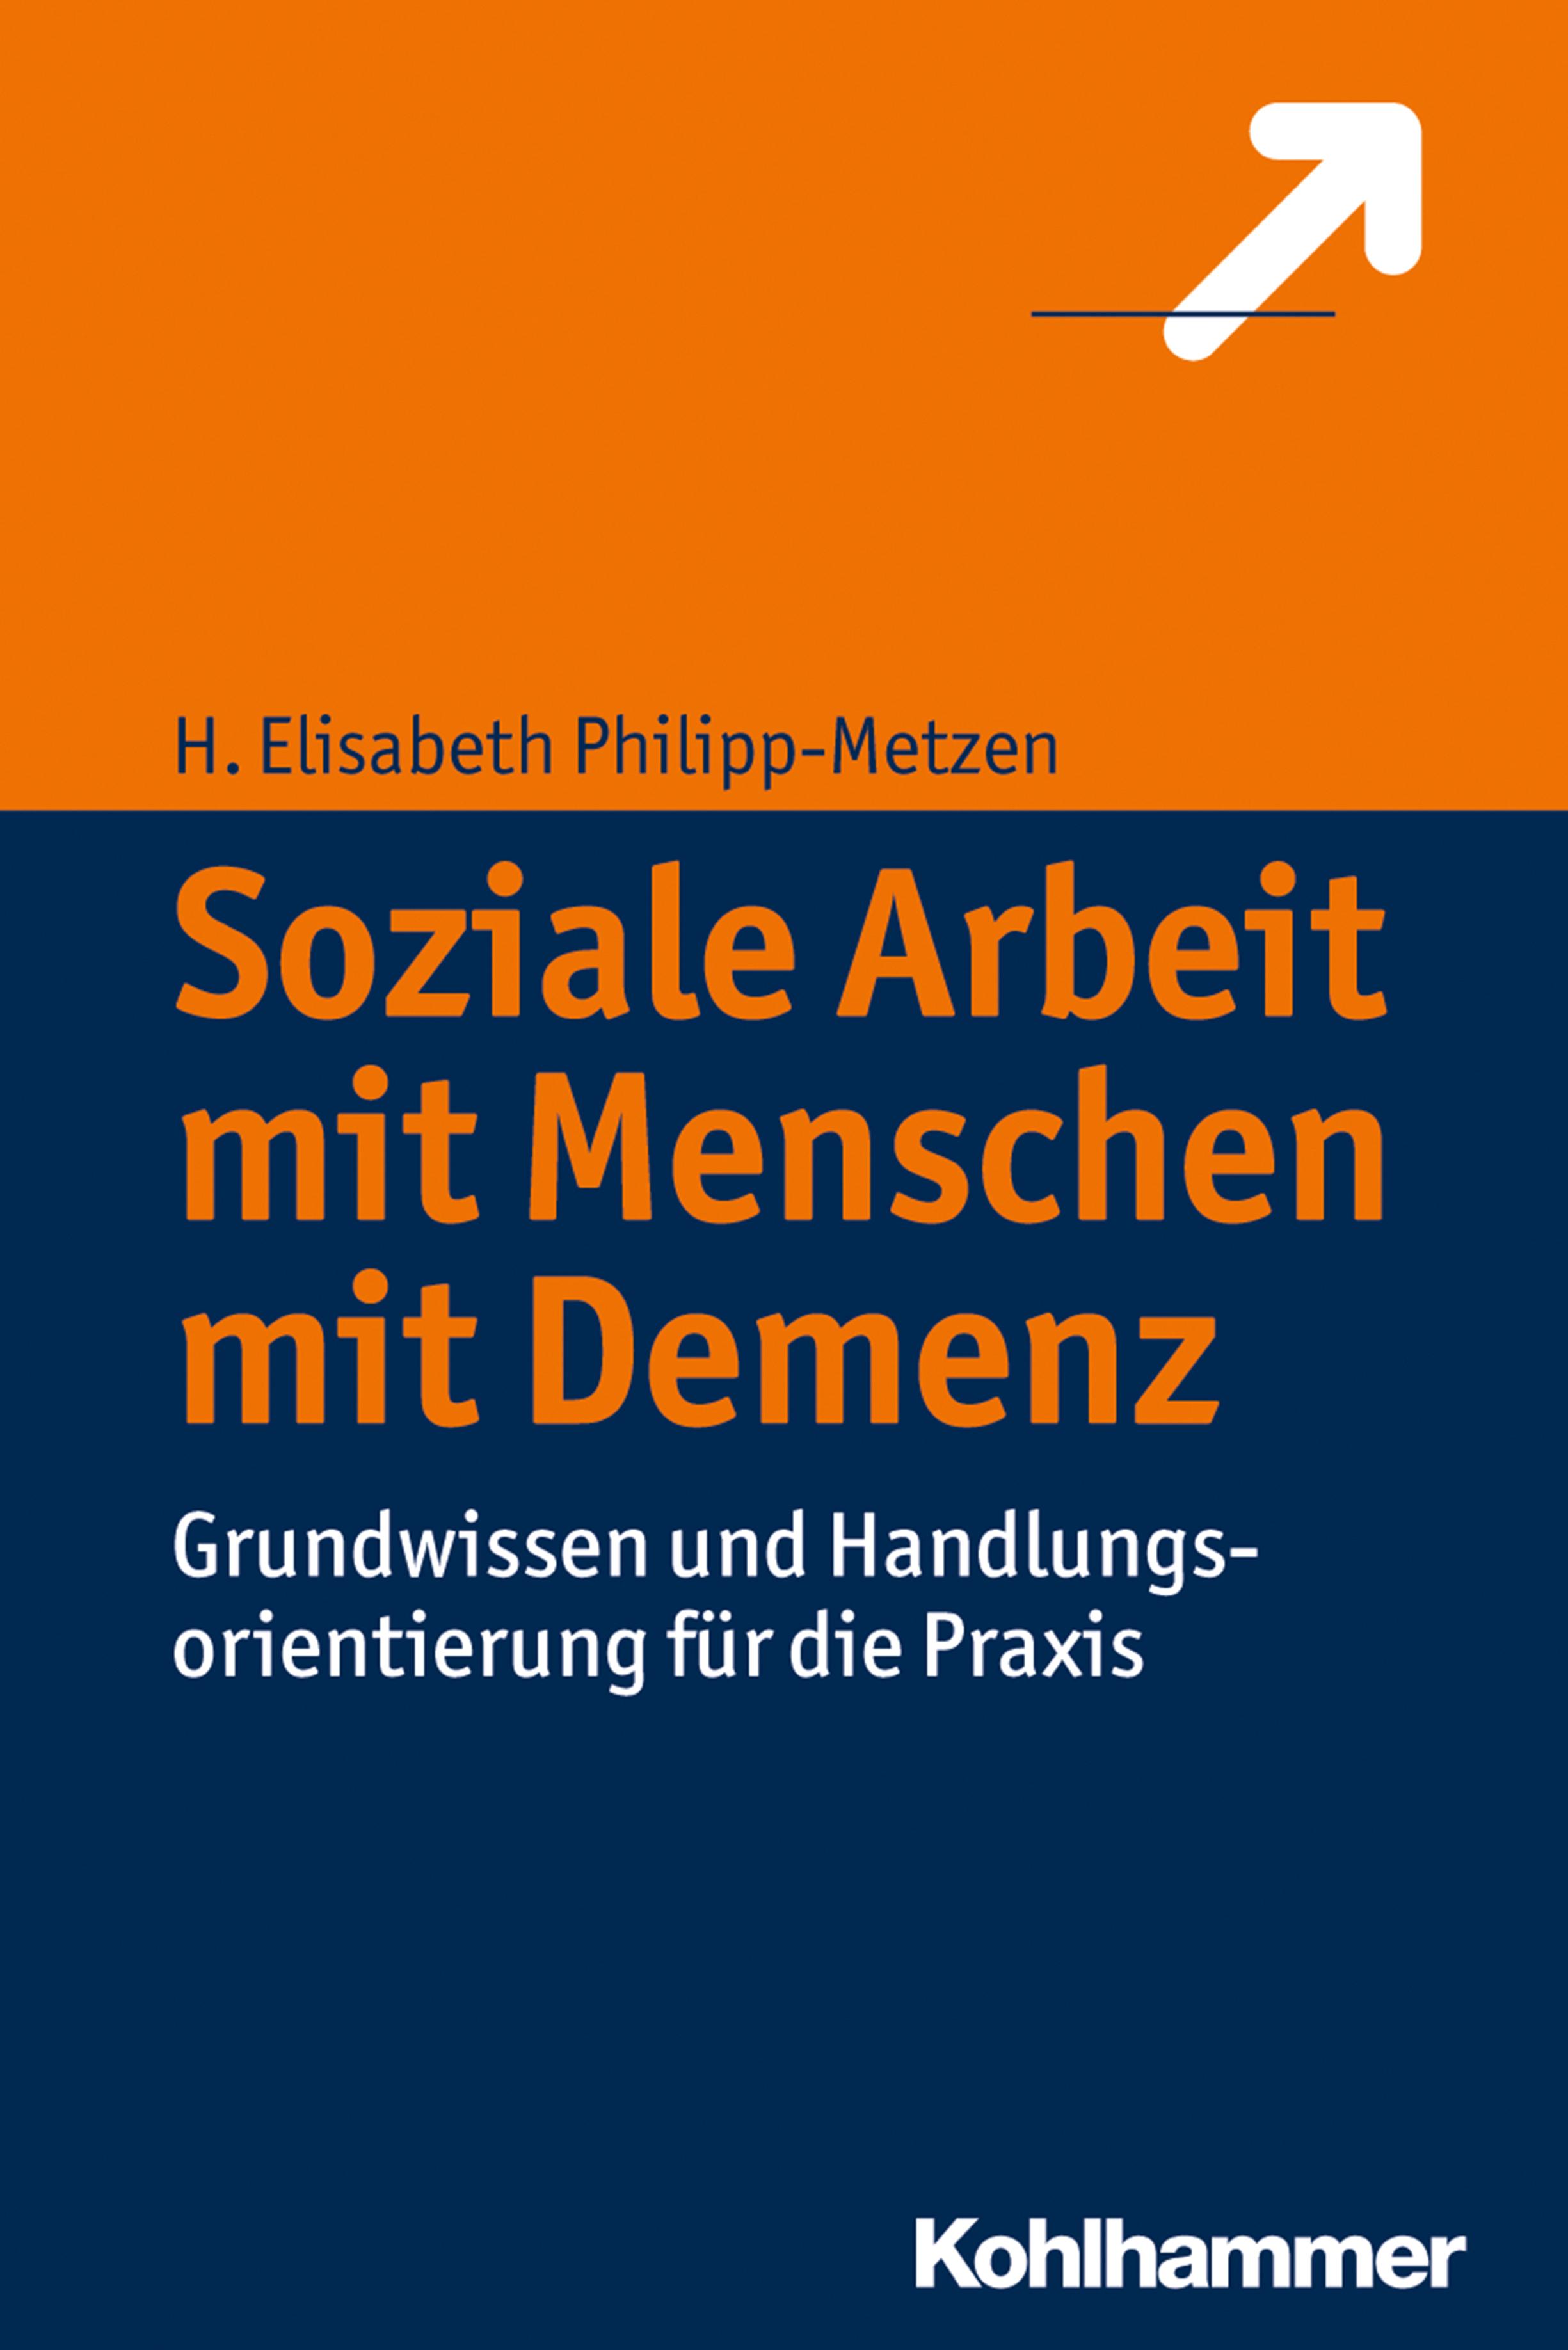 H. Elisabeth Philipp-Metzen Soziale Arbeit mit Menschen mit Demenz mit vzlom komputerov dlia maininga kriptovalut poslednii pisk mody